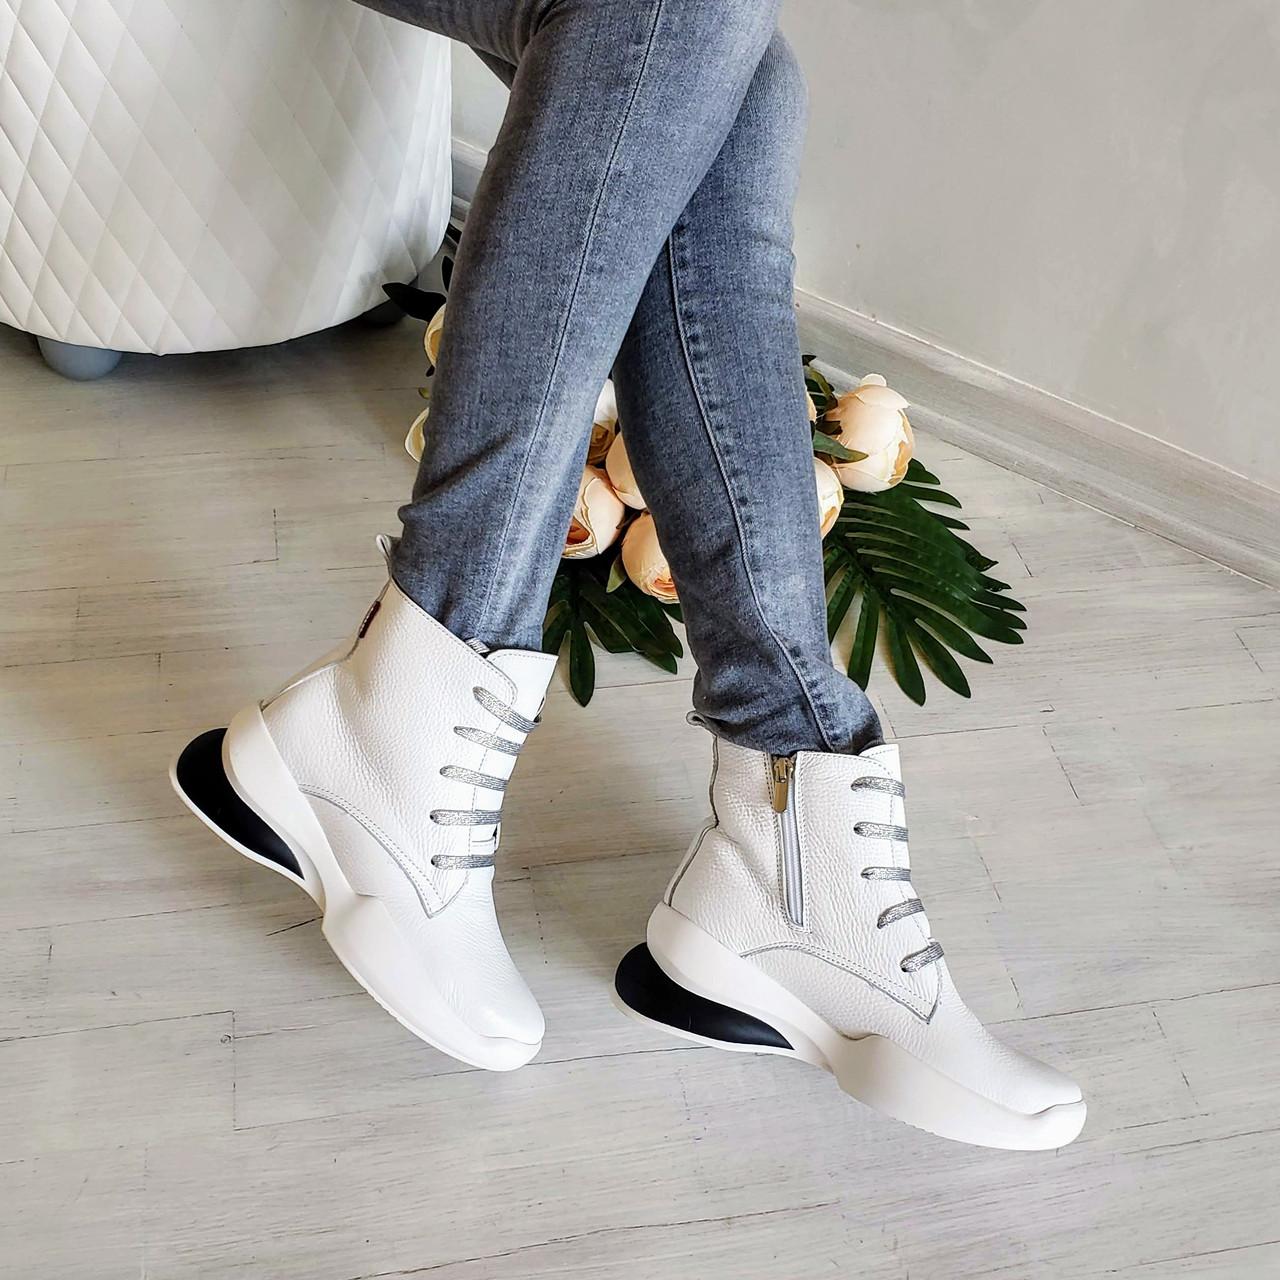 Женские зимние кожаные ботинки спортивного стиля (белый)